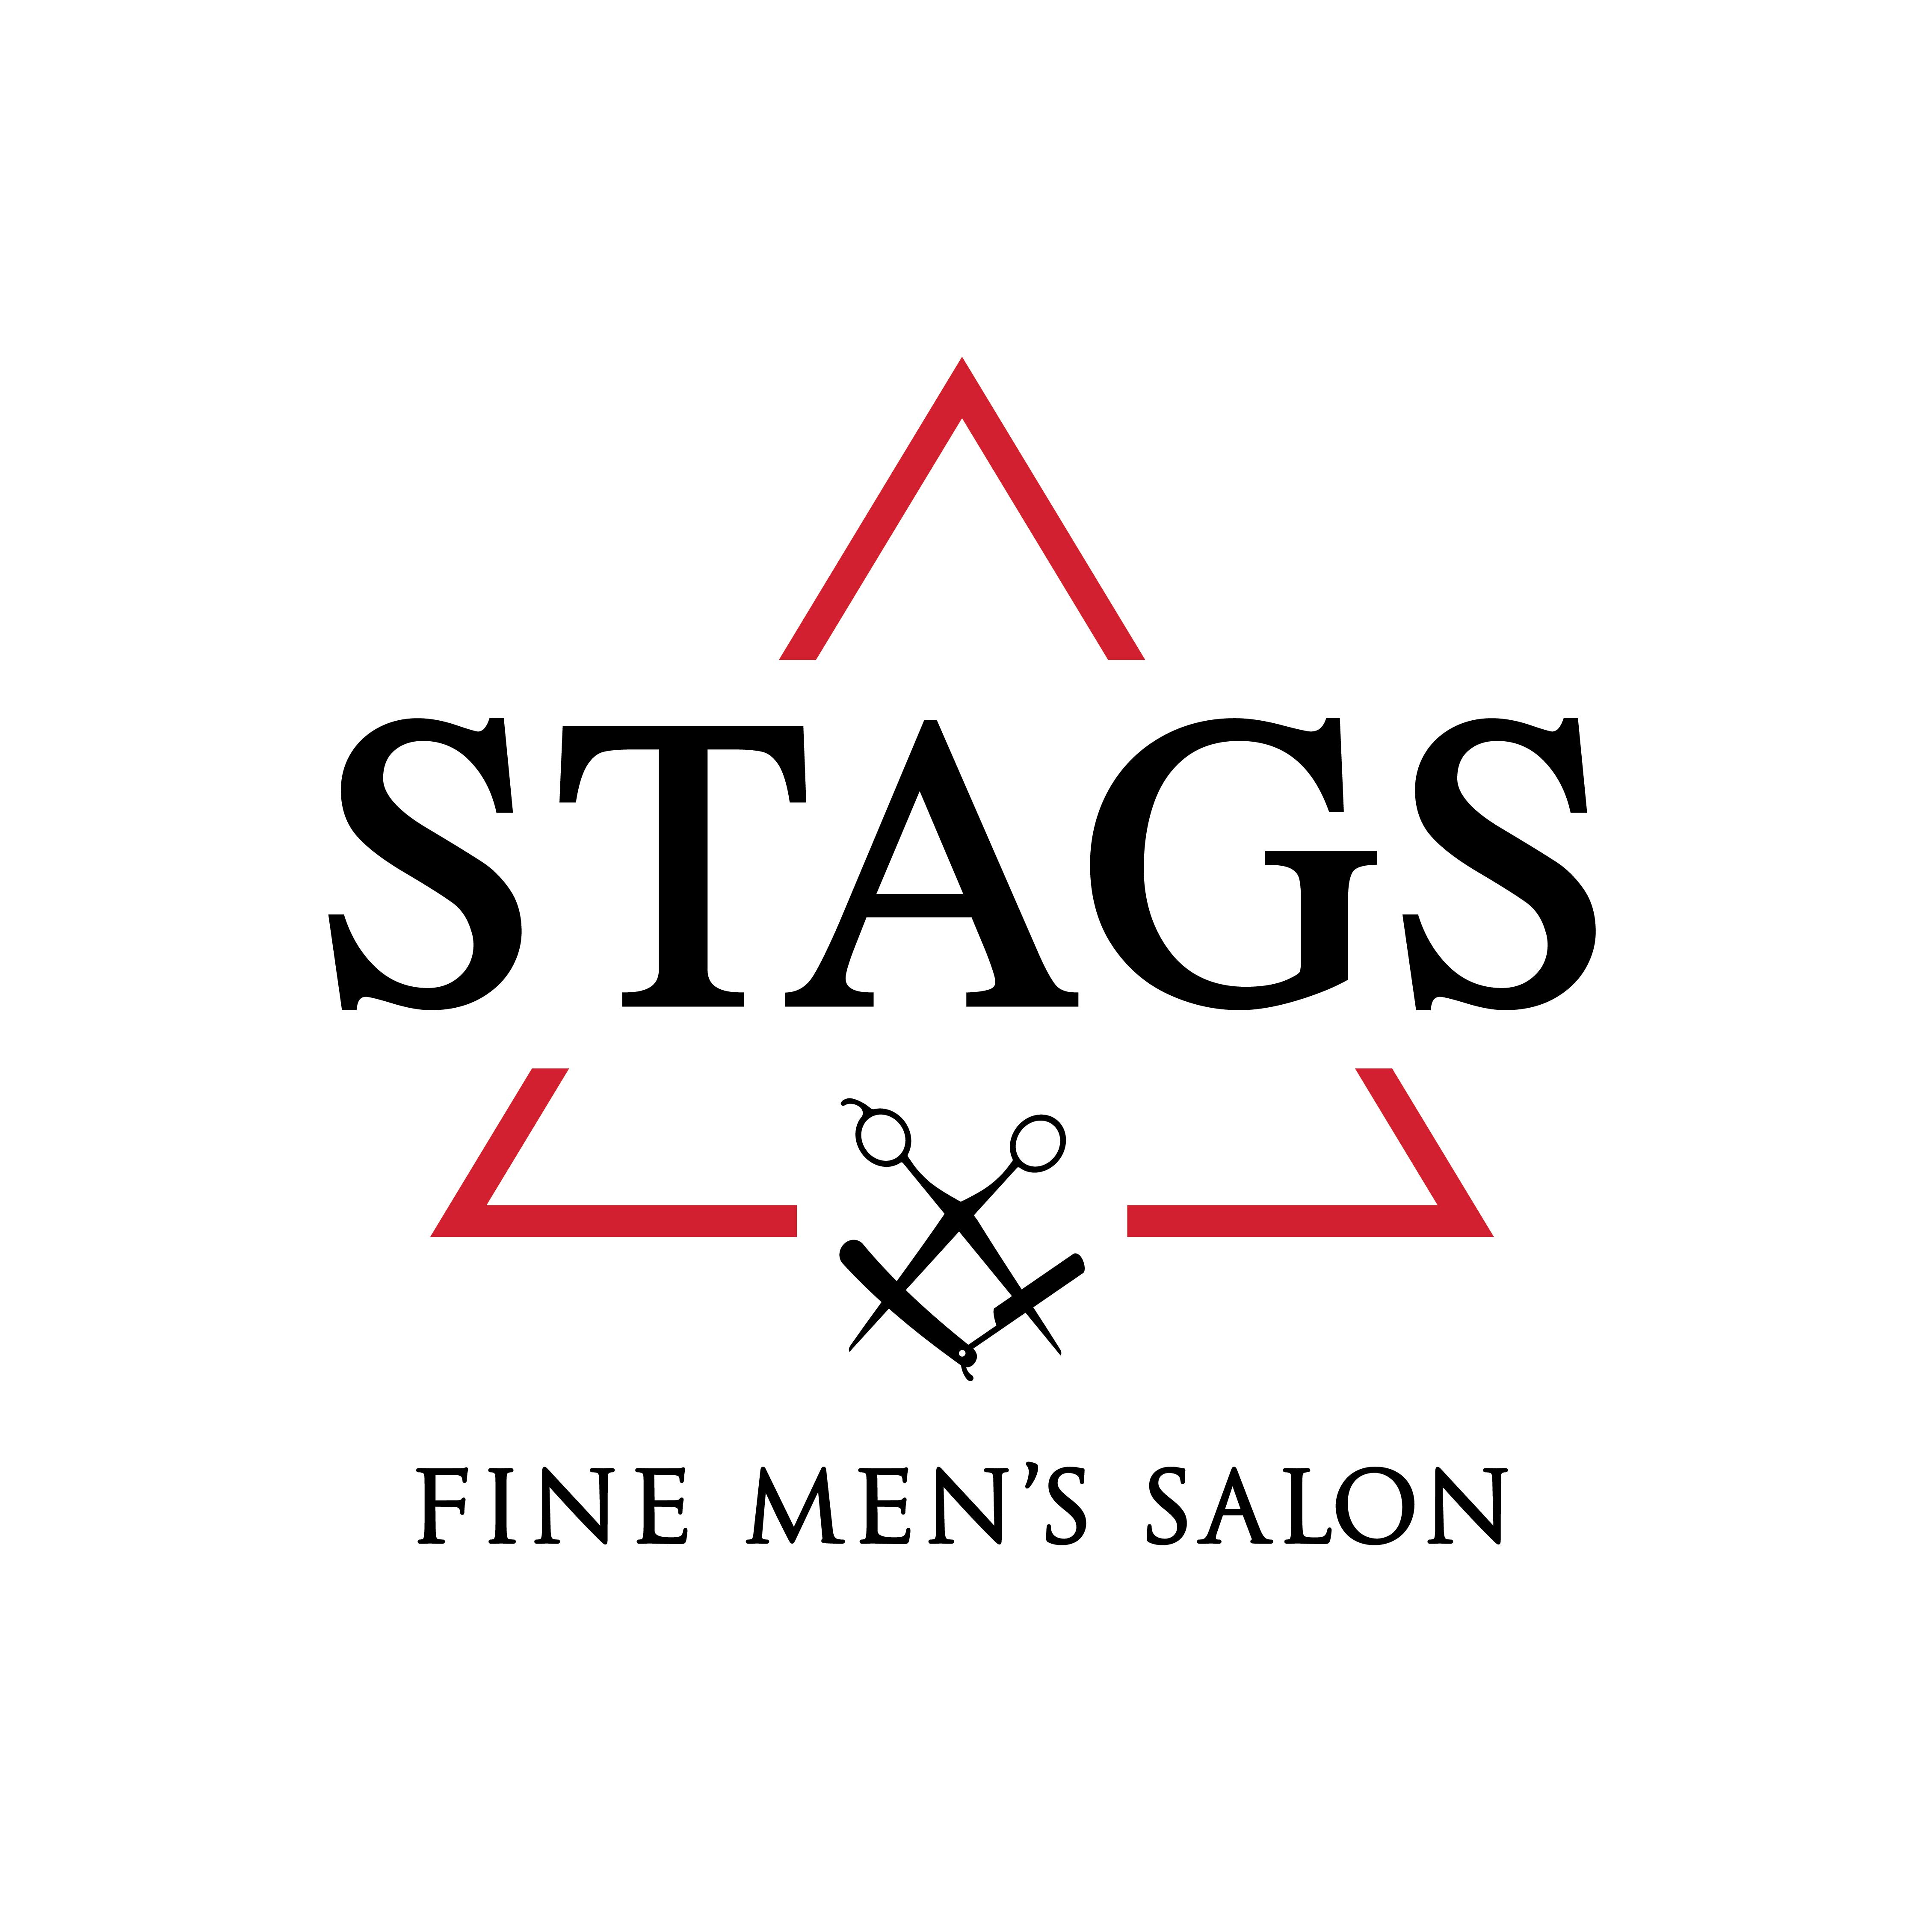 Stag's Fine Men's Salon